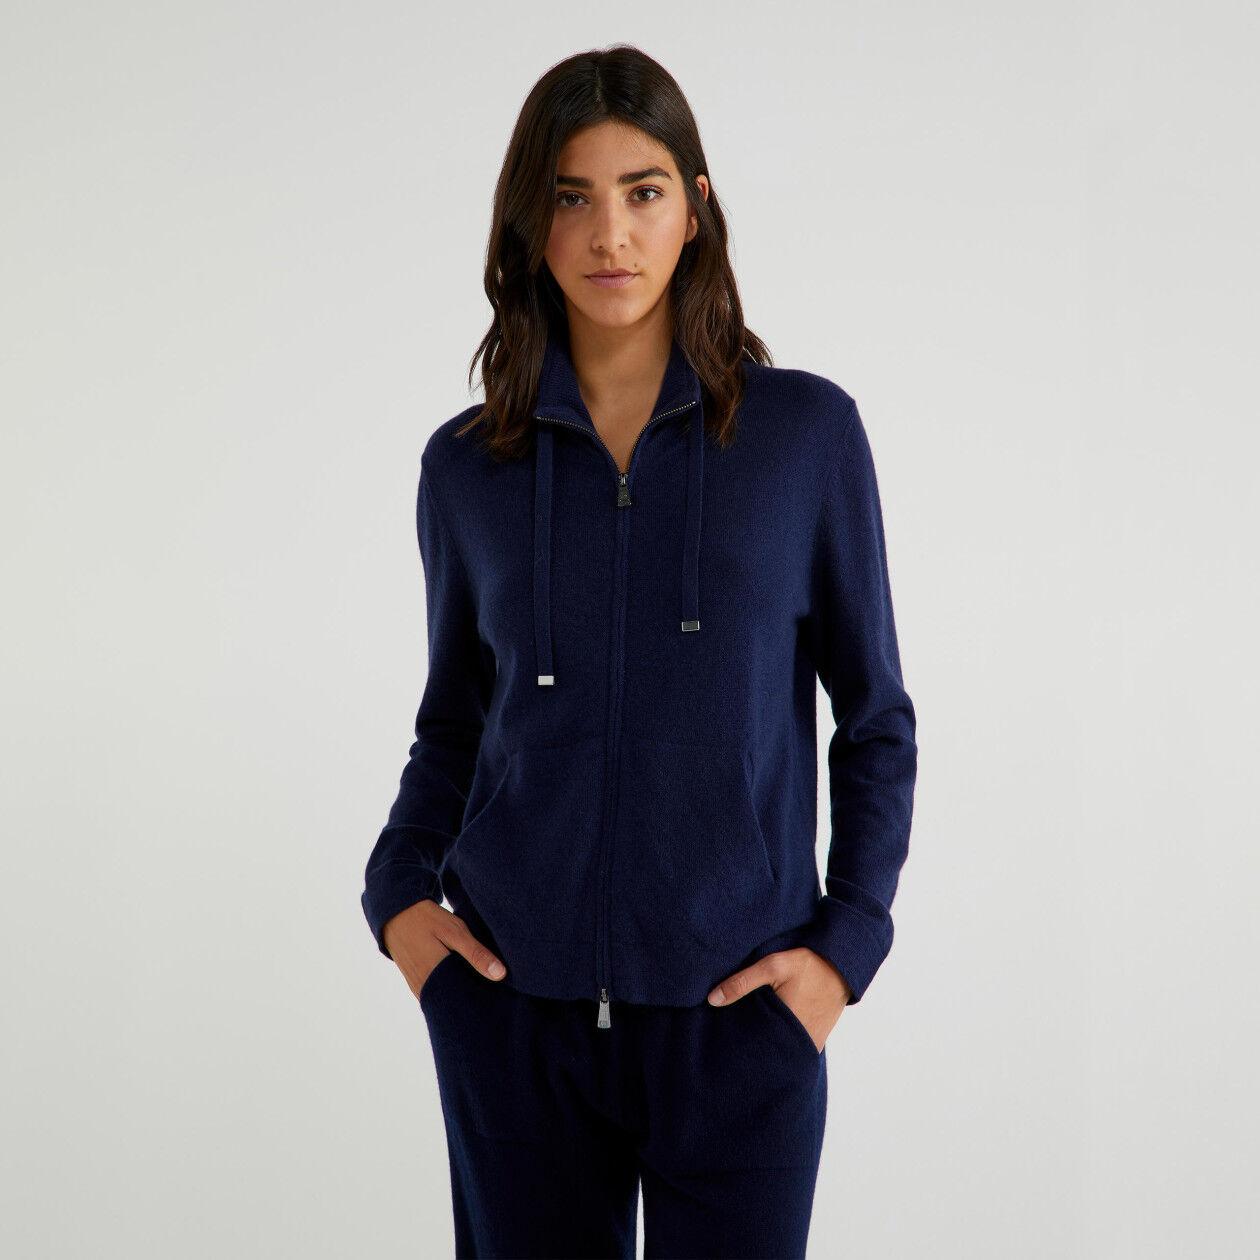 Maglia con zip in cashmere e lana vergine